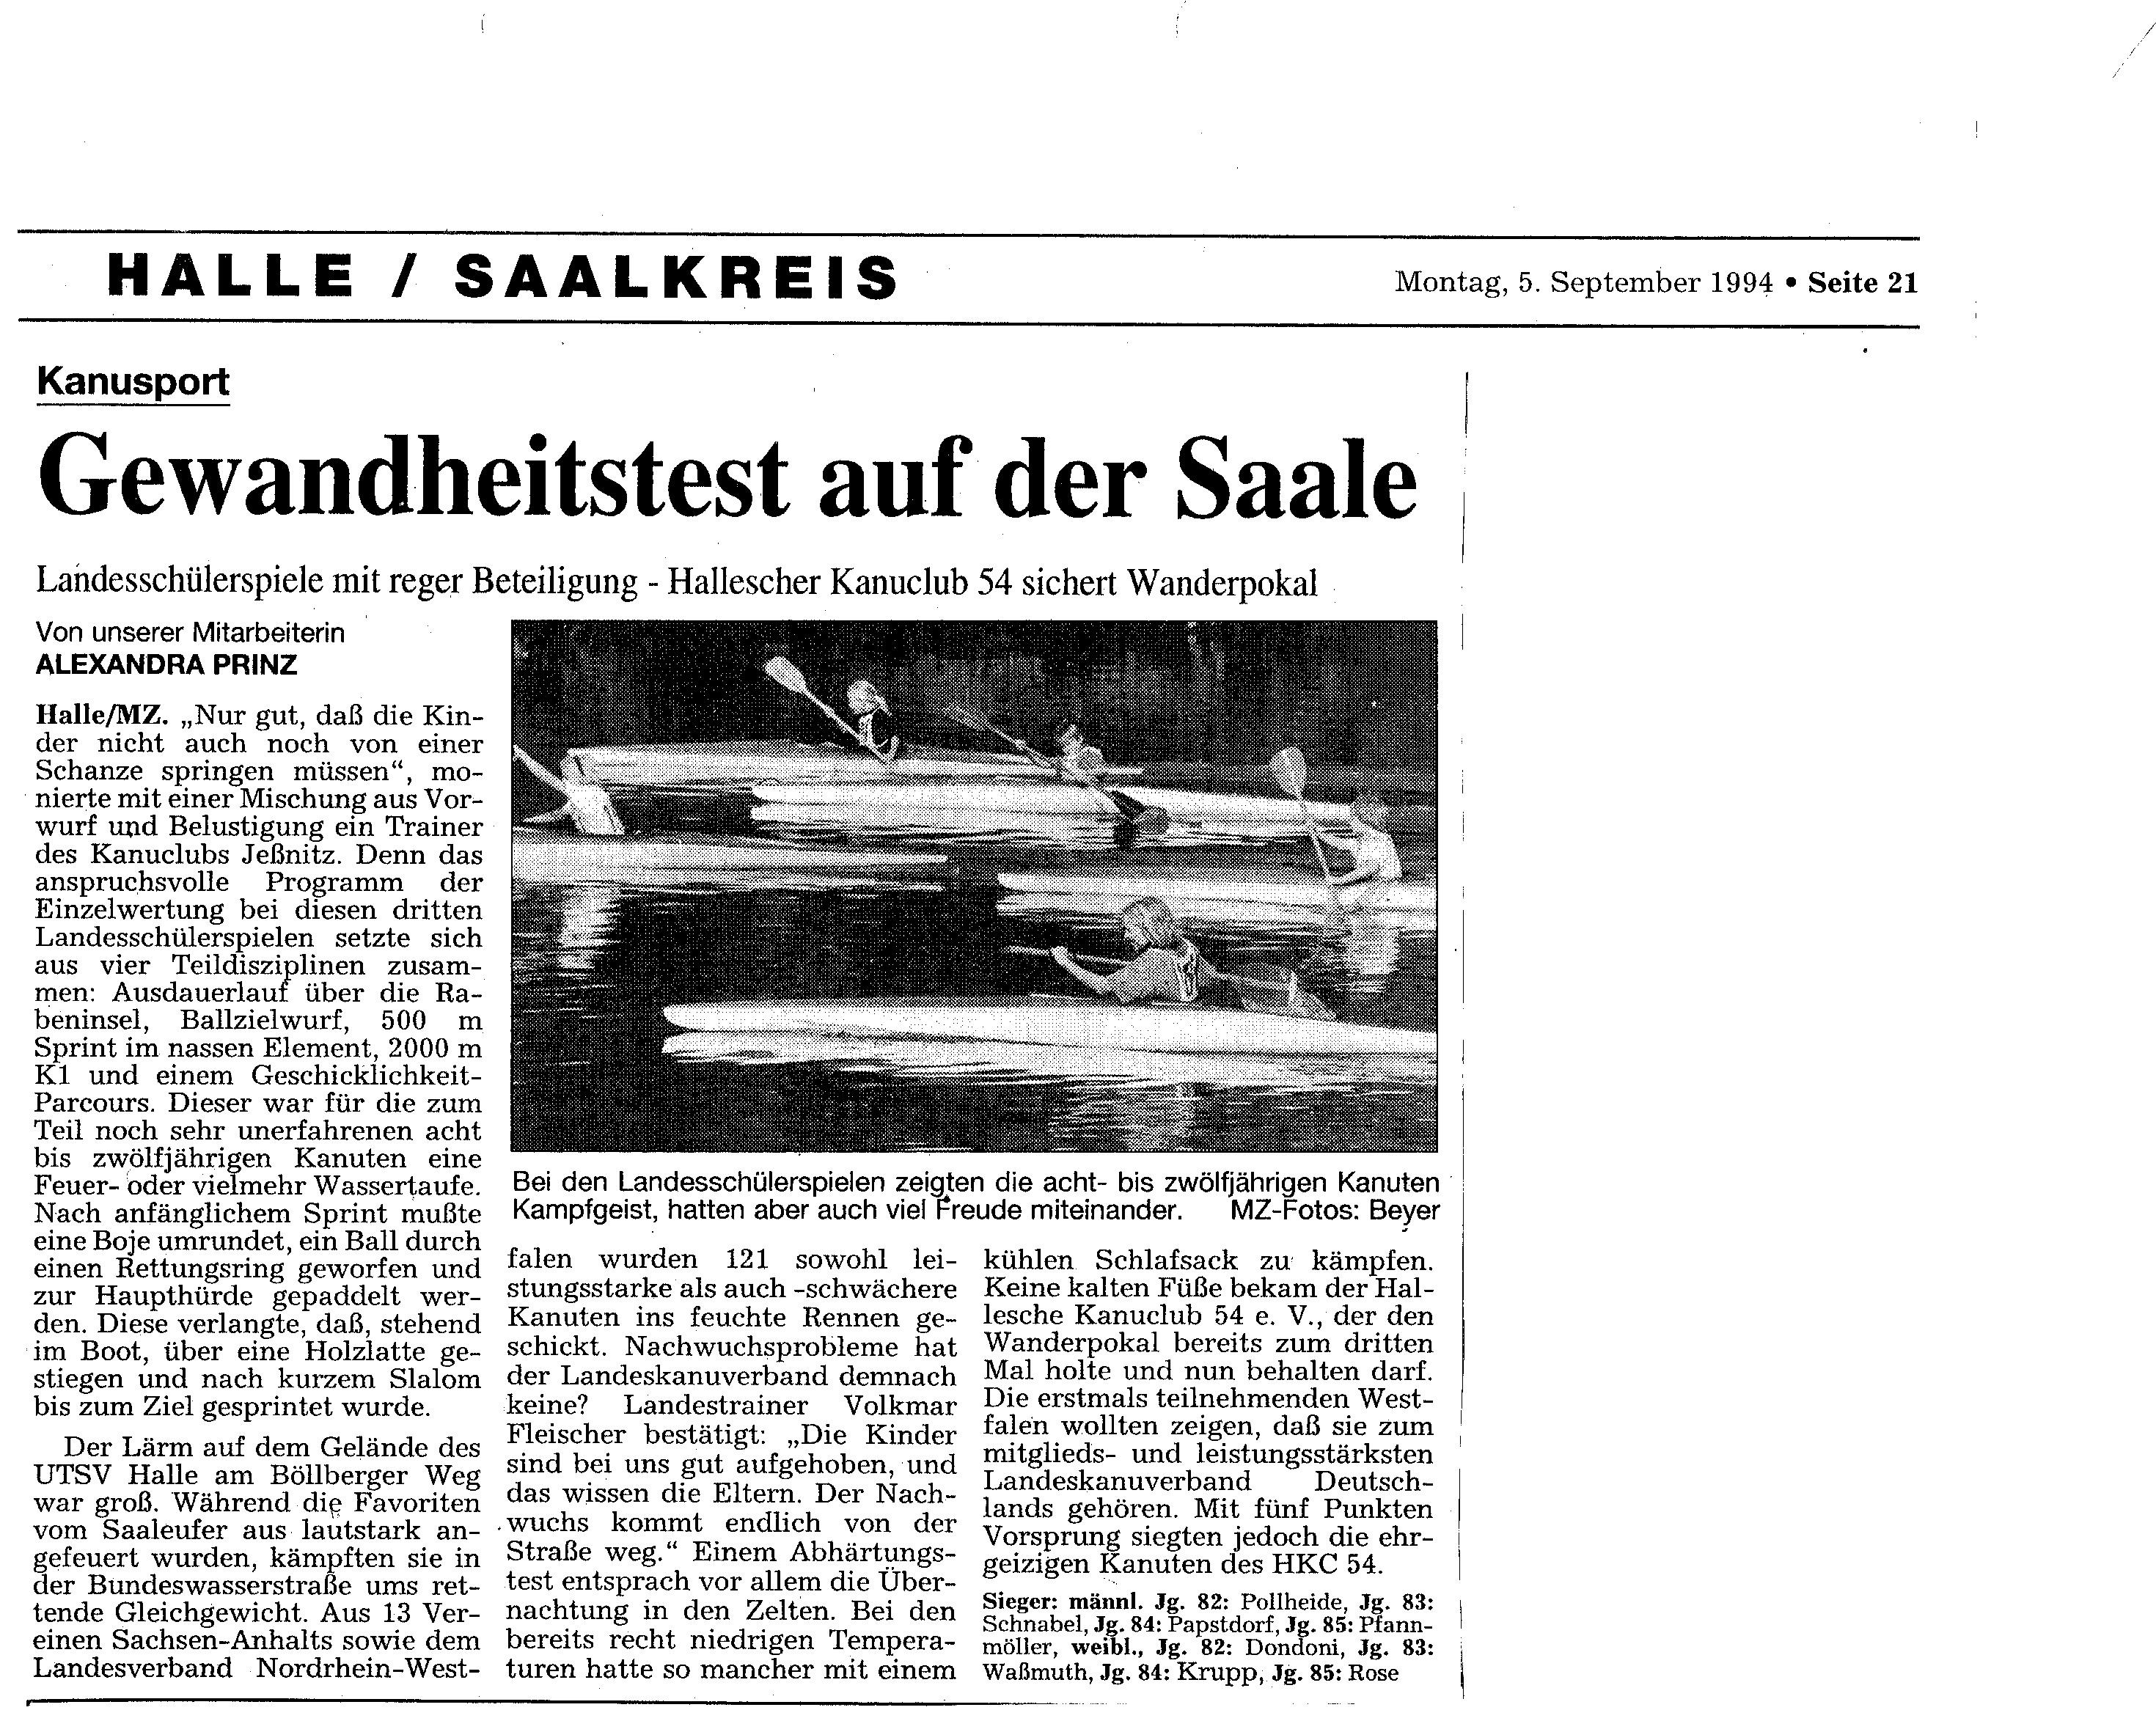 1994-09-05 MZ Gewandheitstest auf der Saale